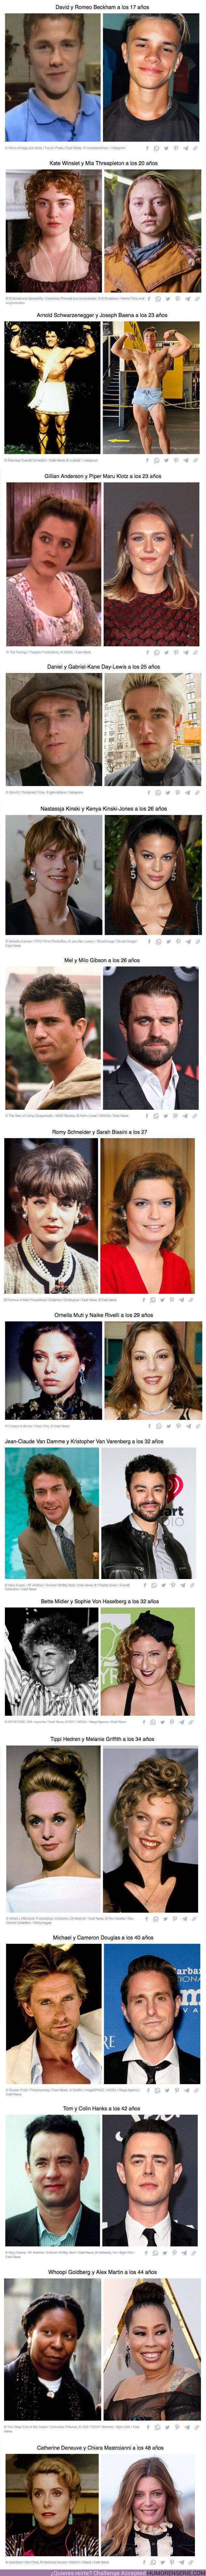 74365 - GALERÍA: 16+ Fotos de famosos y sus hijos a la misma edad con las que no haría falta una prueba de ADN